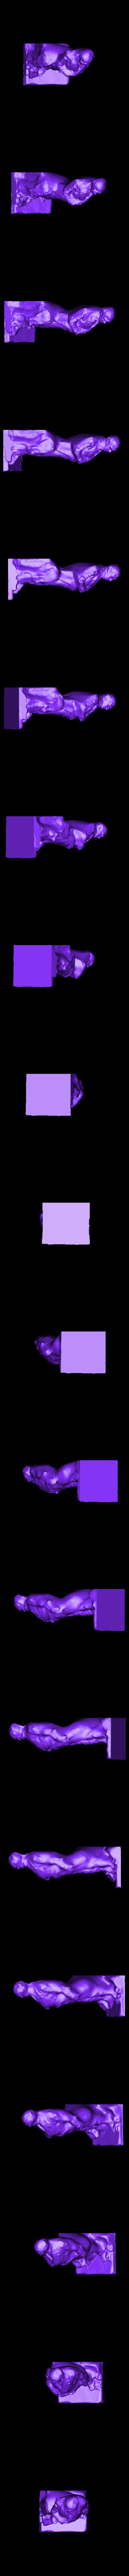 Daniel_Webster_Ready.stl Télécharger fichier STL gratuit Daniel Webster, modelé et moulé 1853 • Design pour imprimante 3D, ArtInstituteChicago